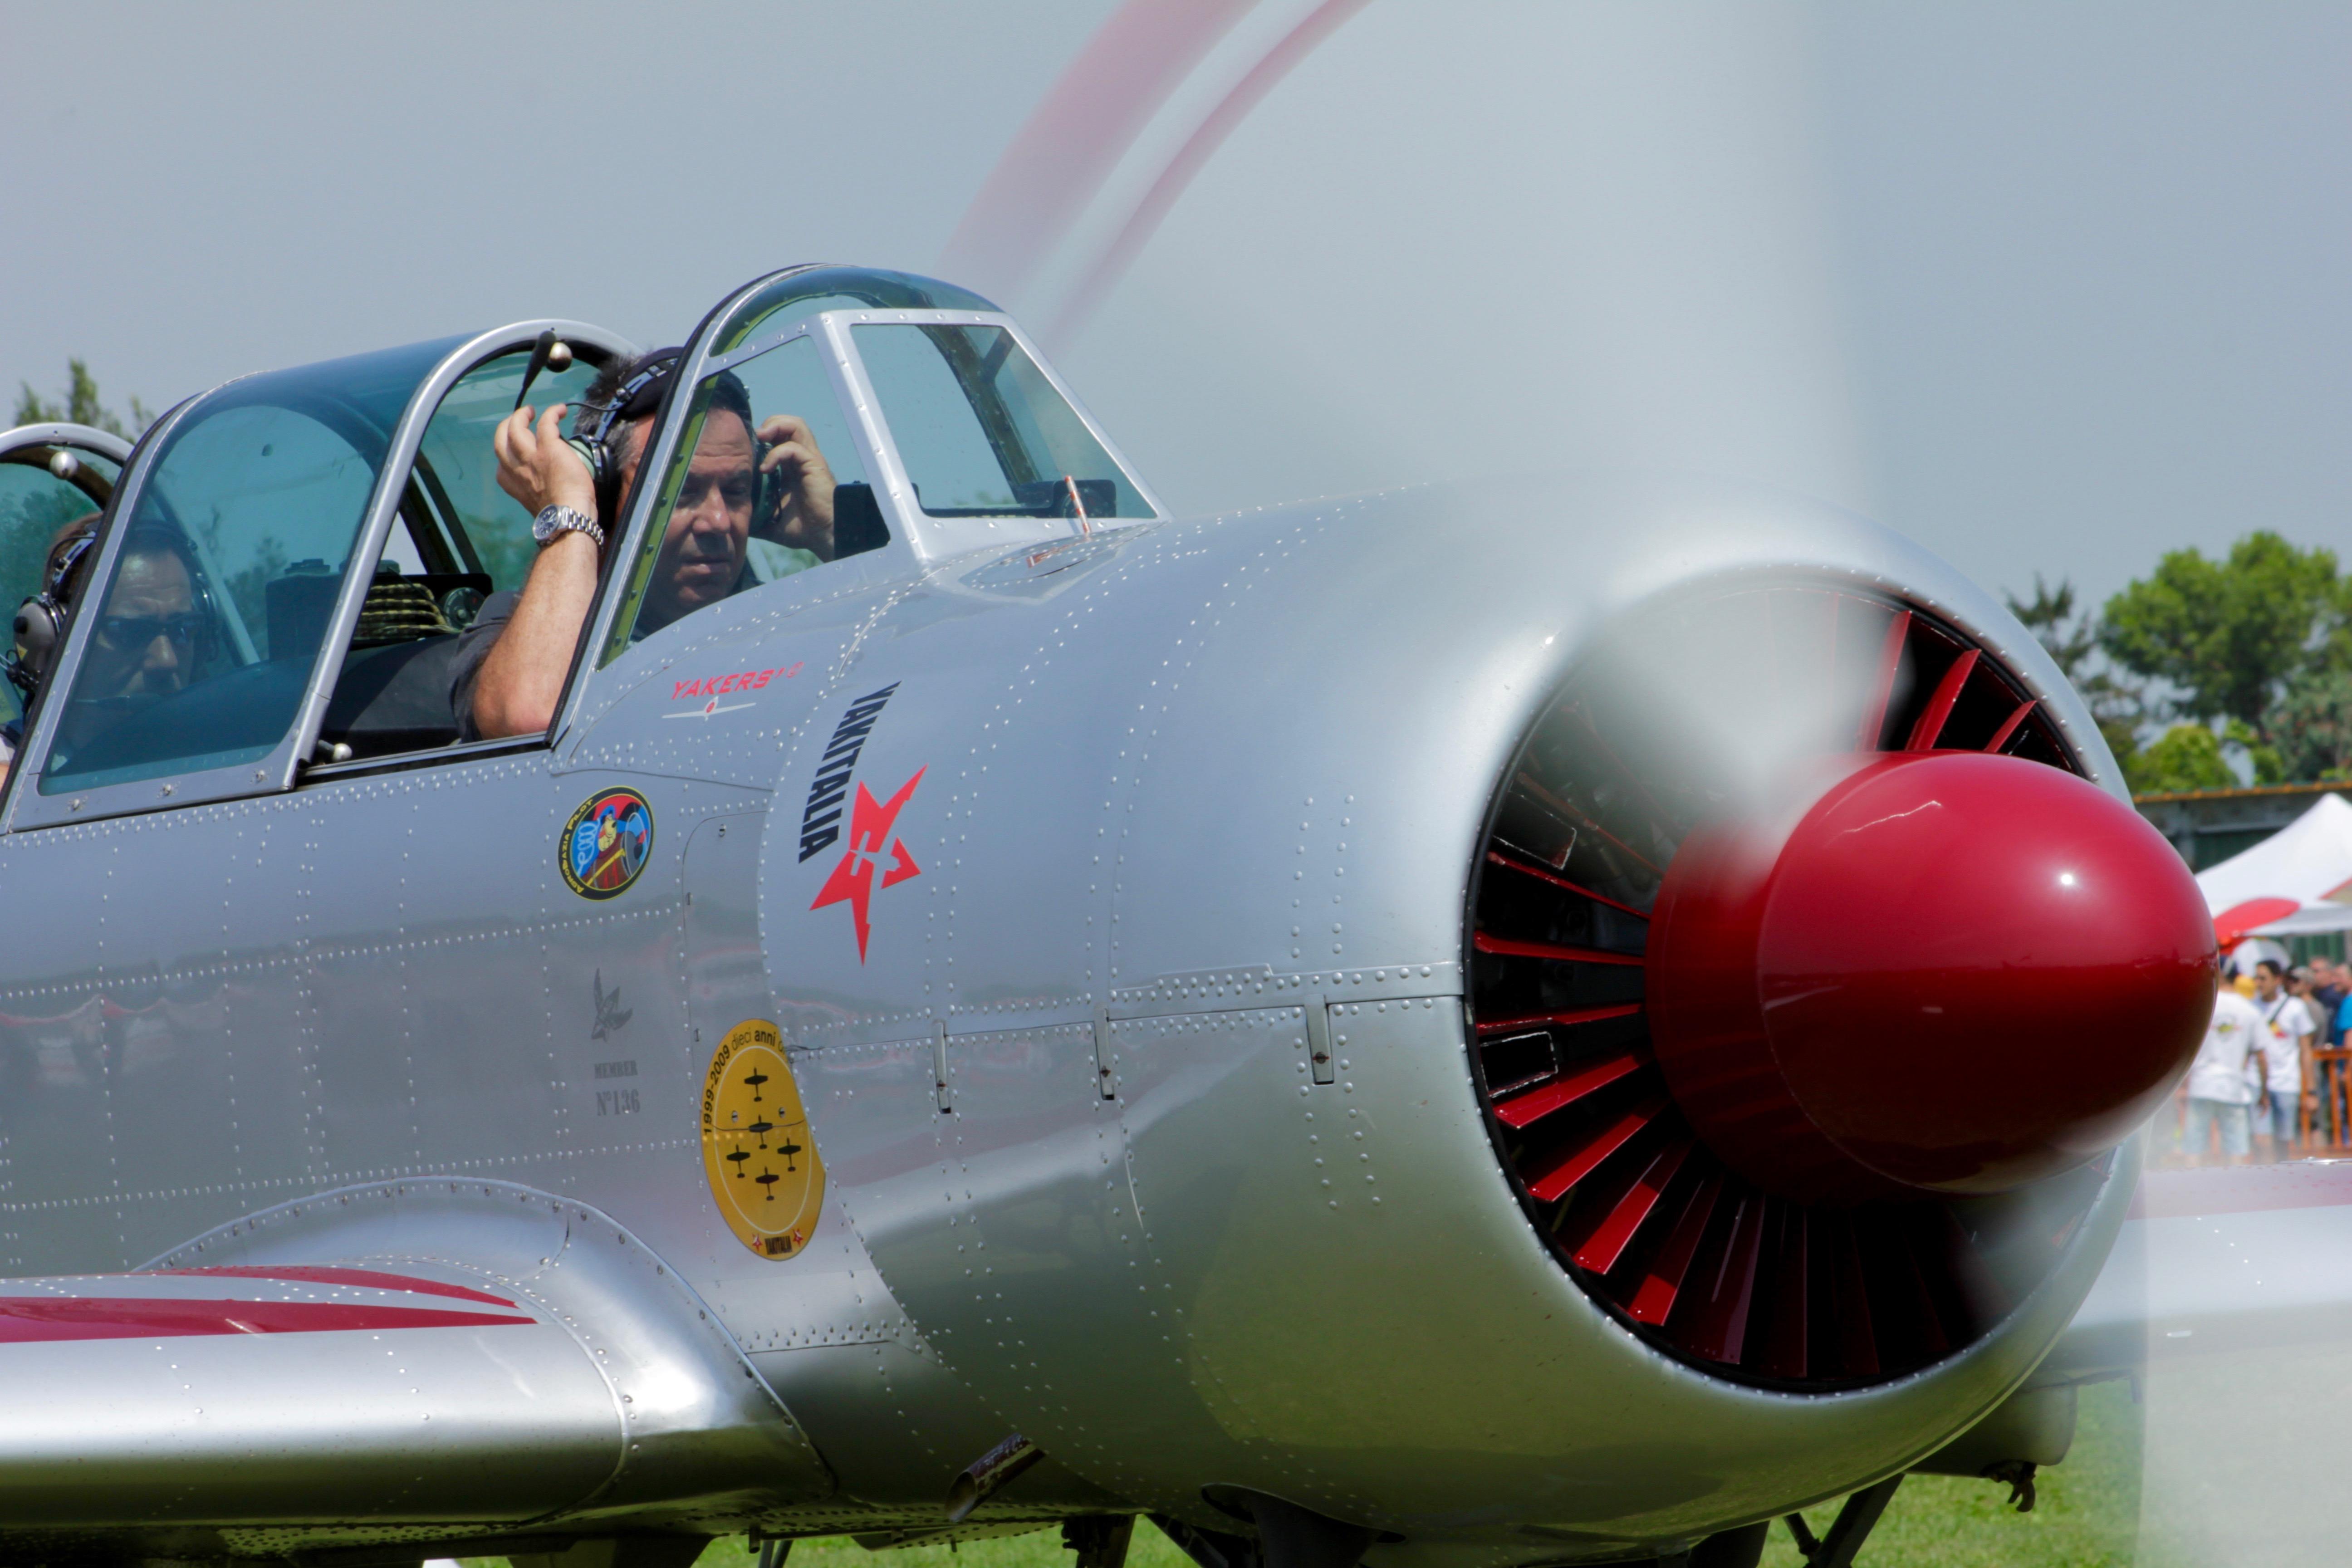 yak 52 pilota Caprai